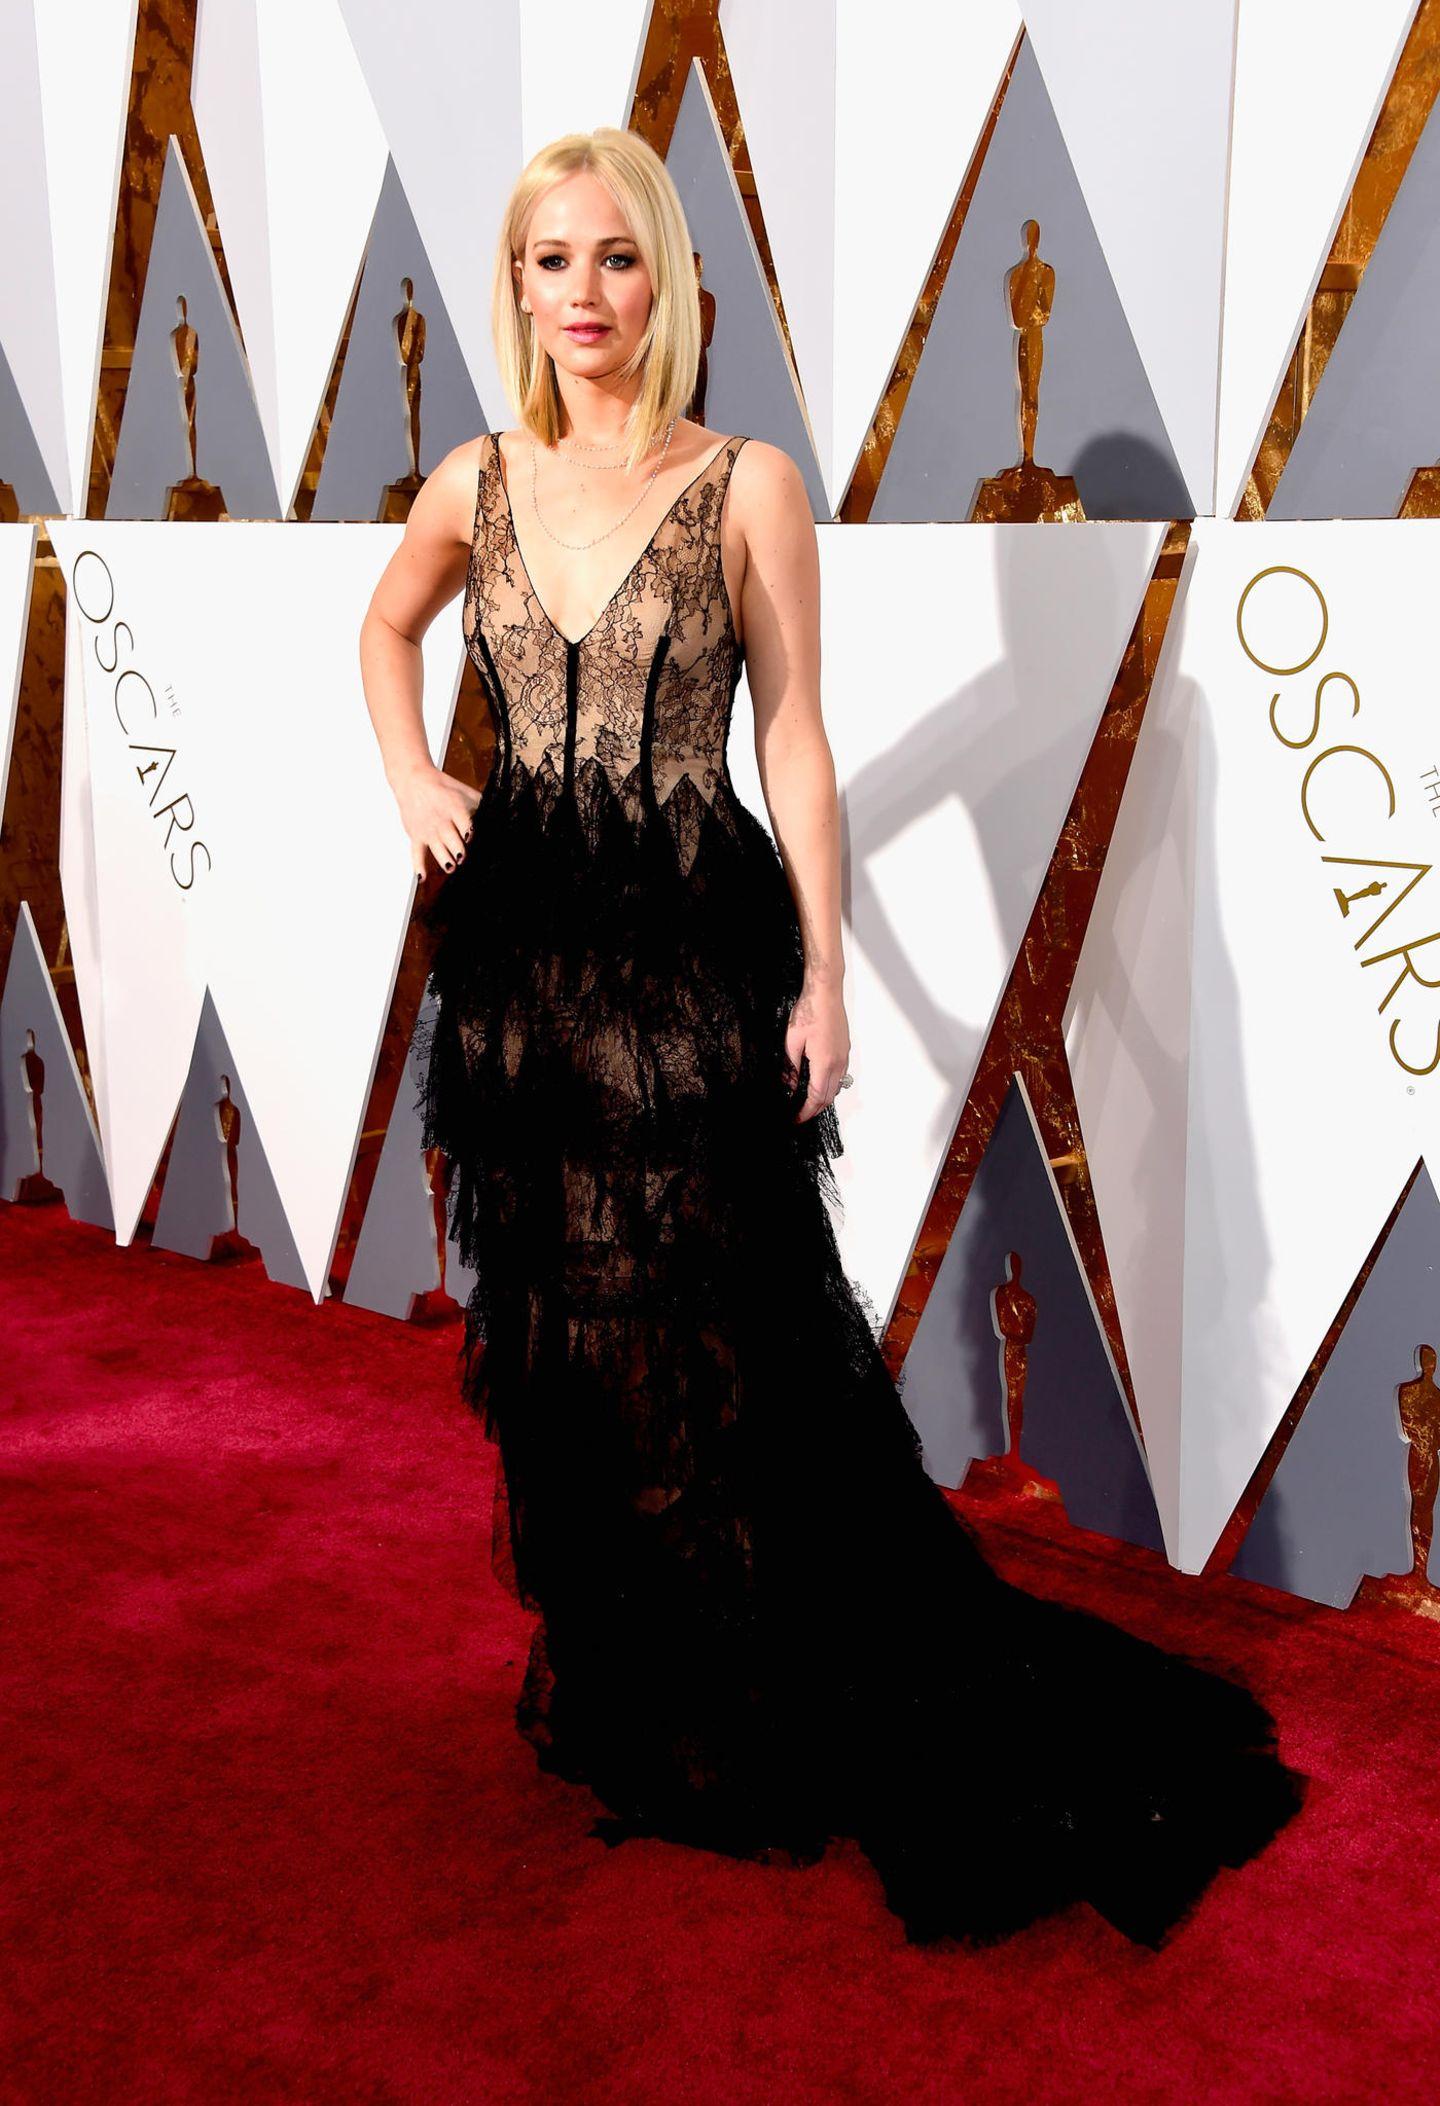 2016: Ein Kleid von Dior, Schmuck von Chopard, vergleichsweise schlichtes Make-up - und trotzdem nicht überzeugend. Jennifer Lawrences Oscar-Look mangelte es insgesamt an Glamour und Qualität.